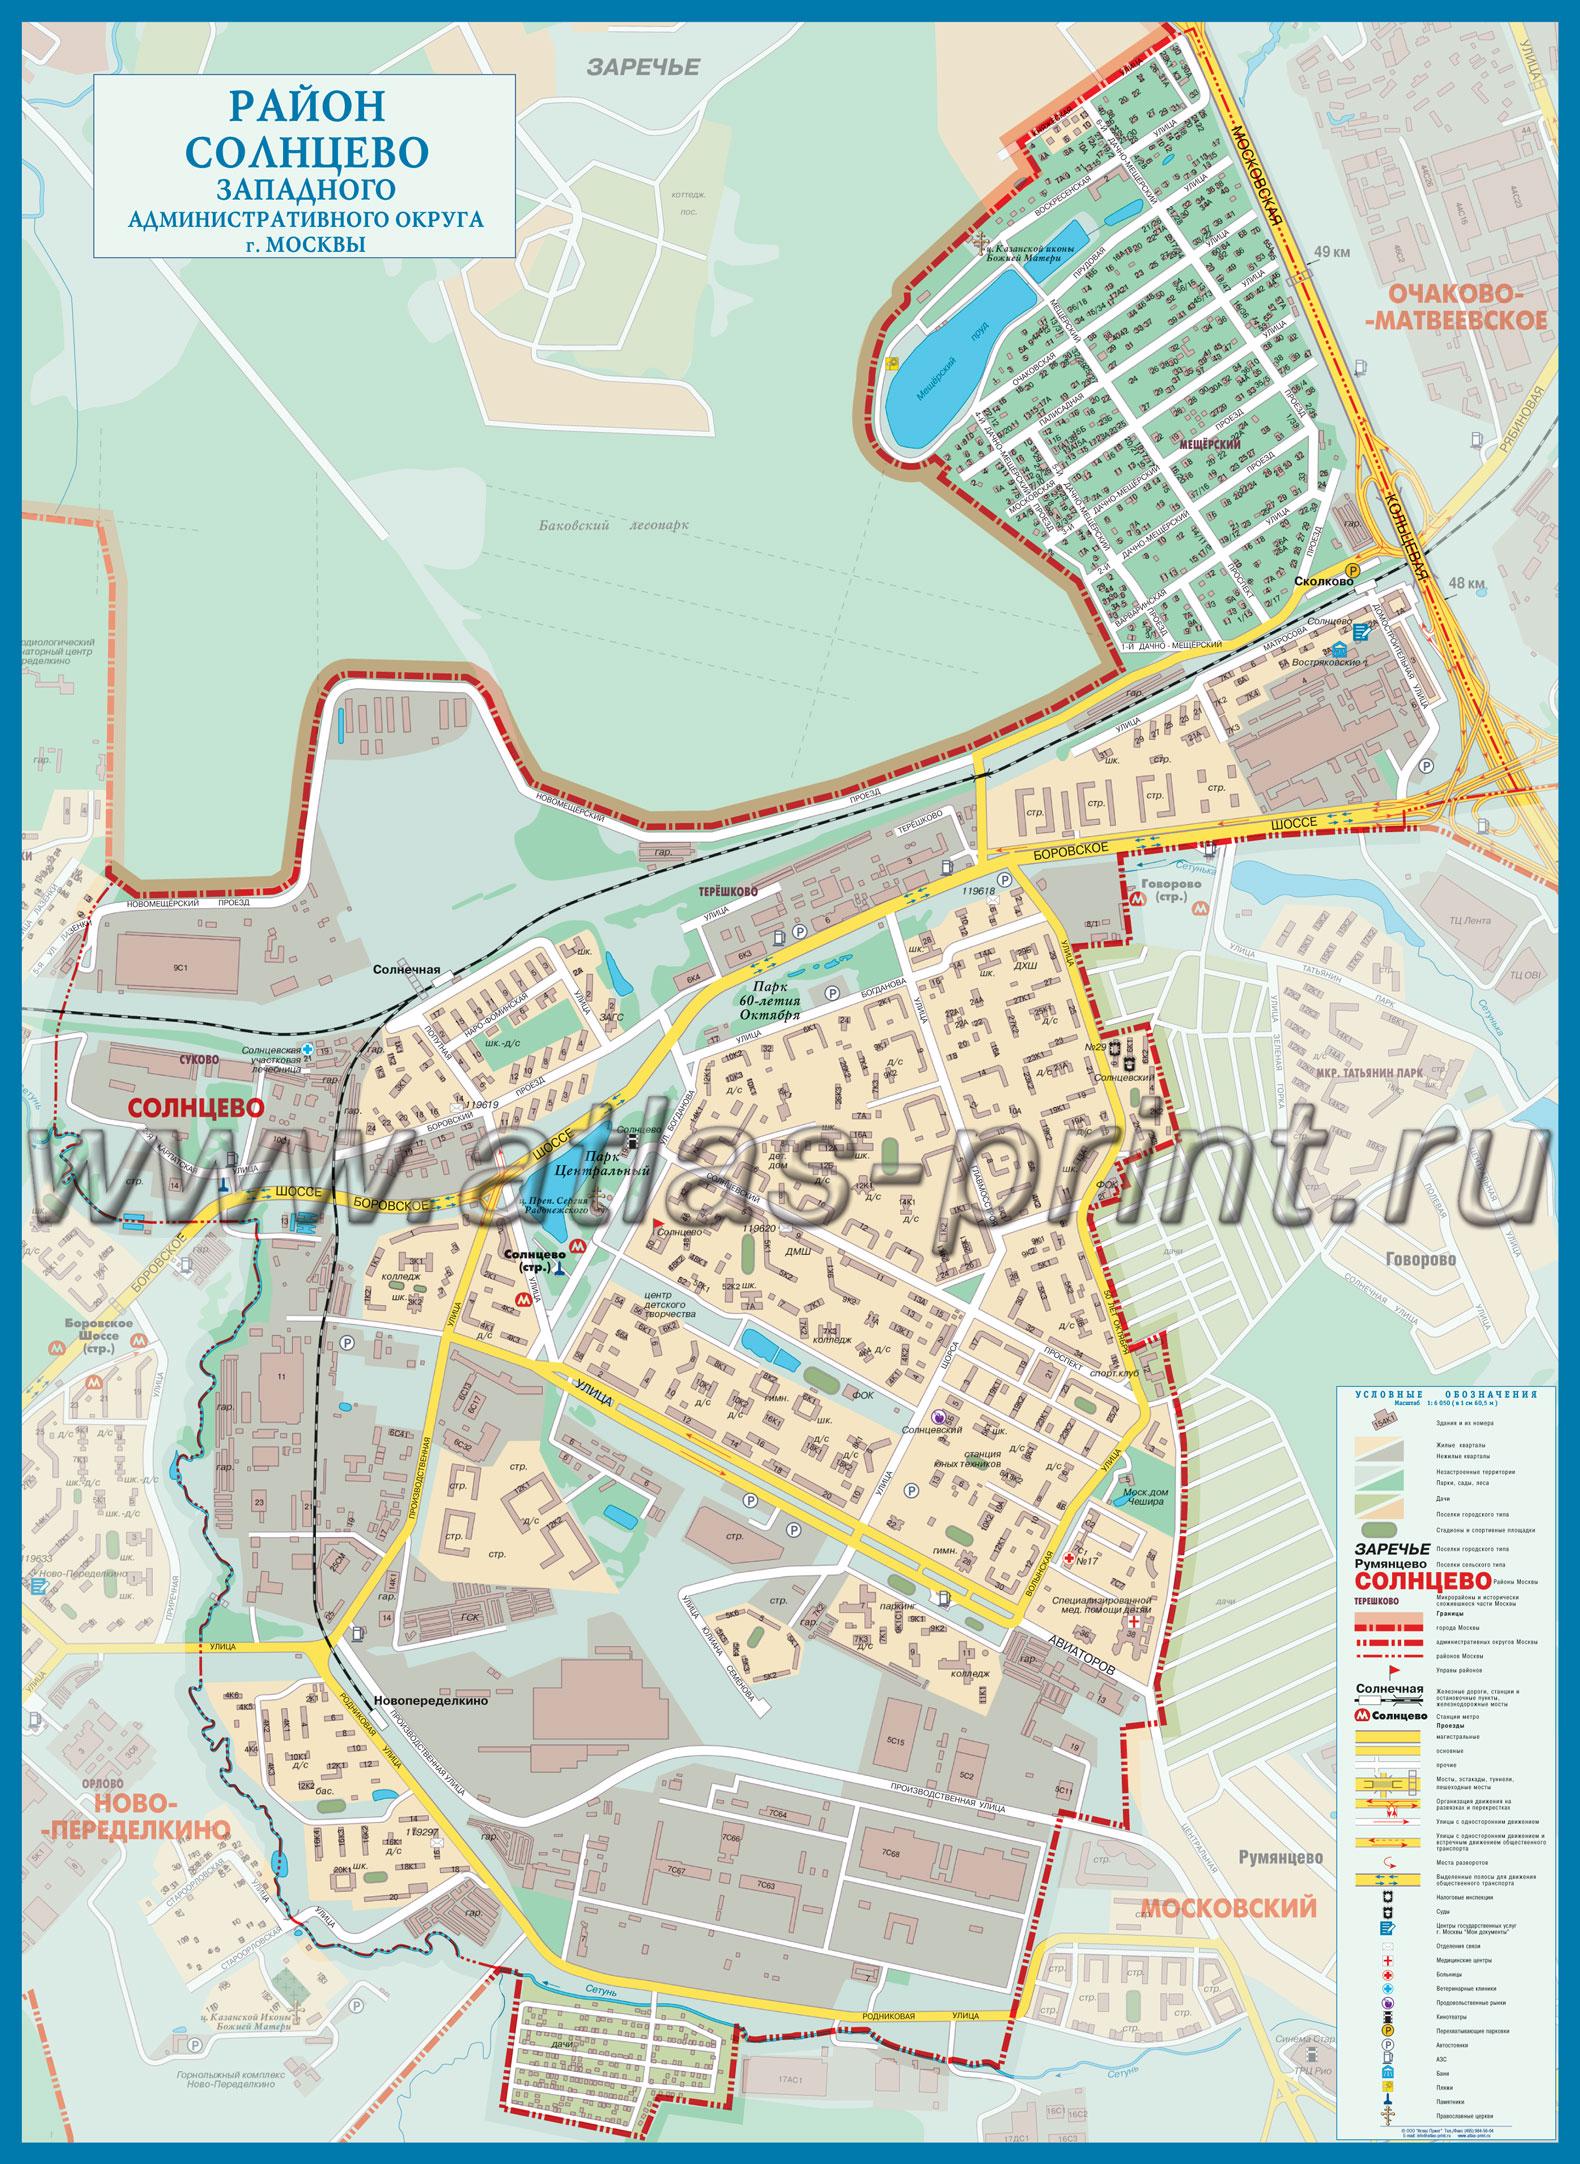 Настенная карта района СОЛНЦЕВО (ЗАО) г.Москвы 0,73*1,00 м, ламинированная